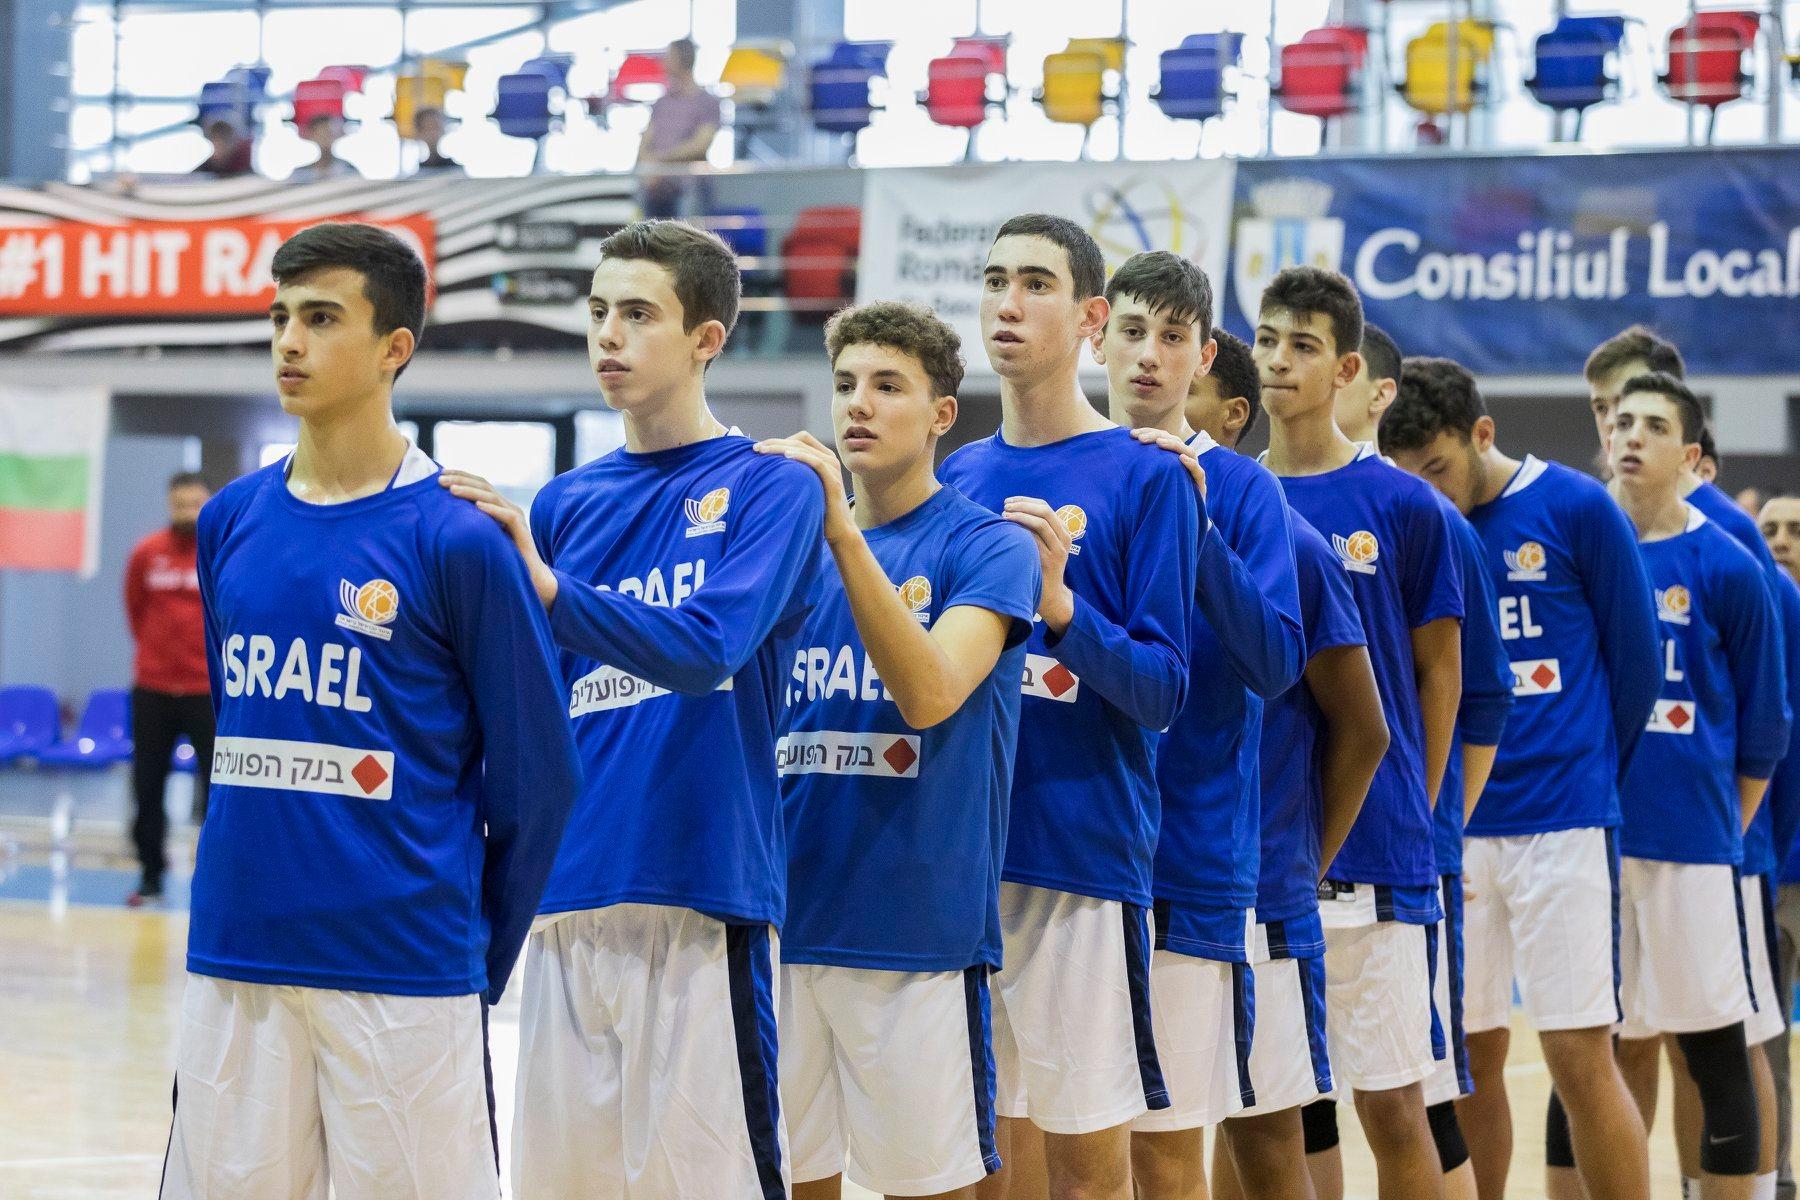 נבחרת ישראל חוזרות לפעילות